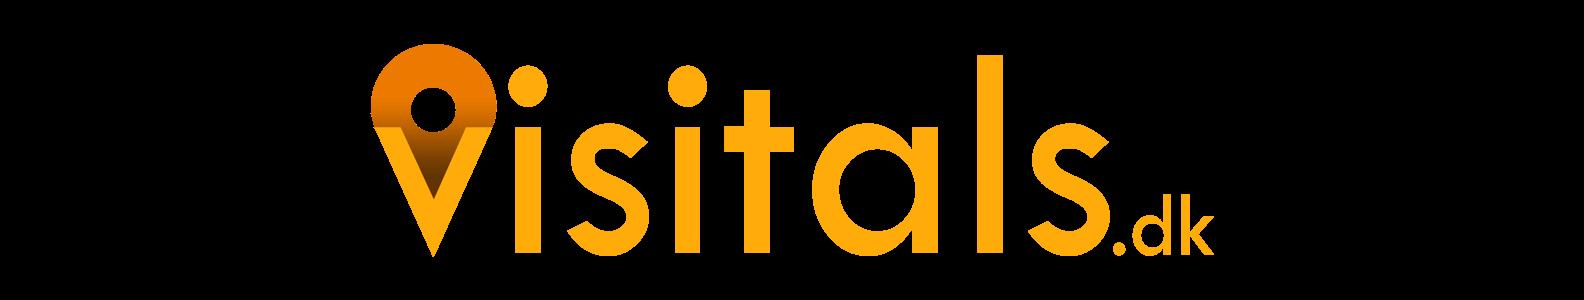 Visitals.dk